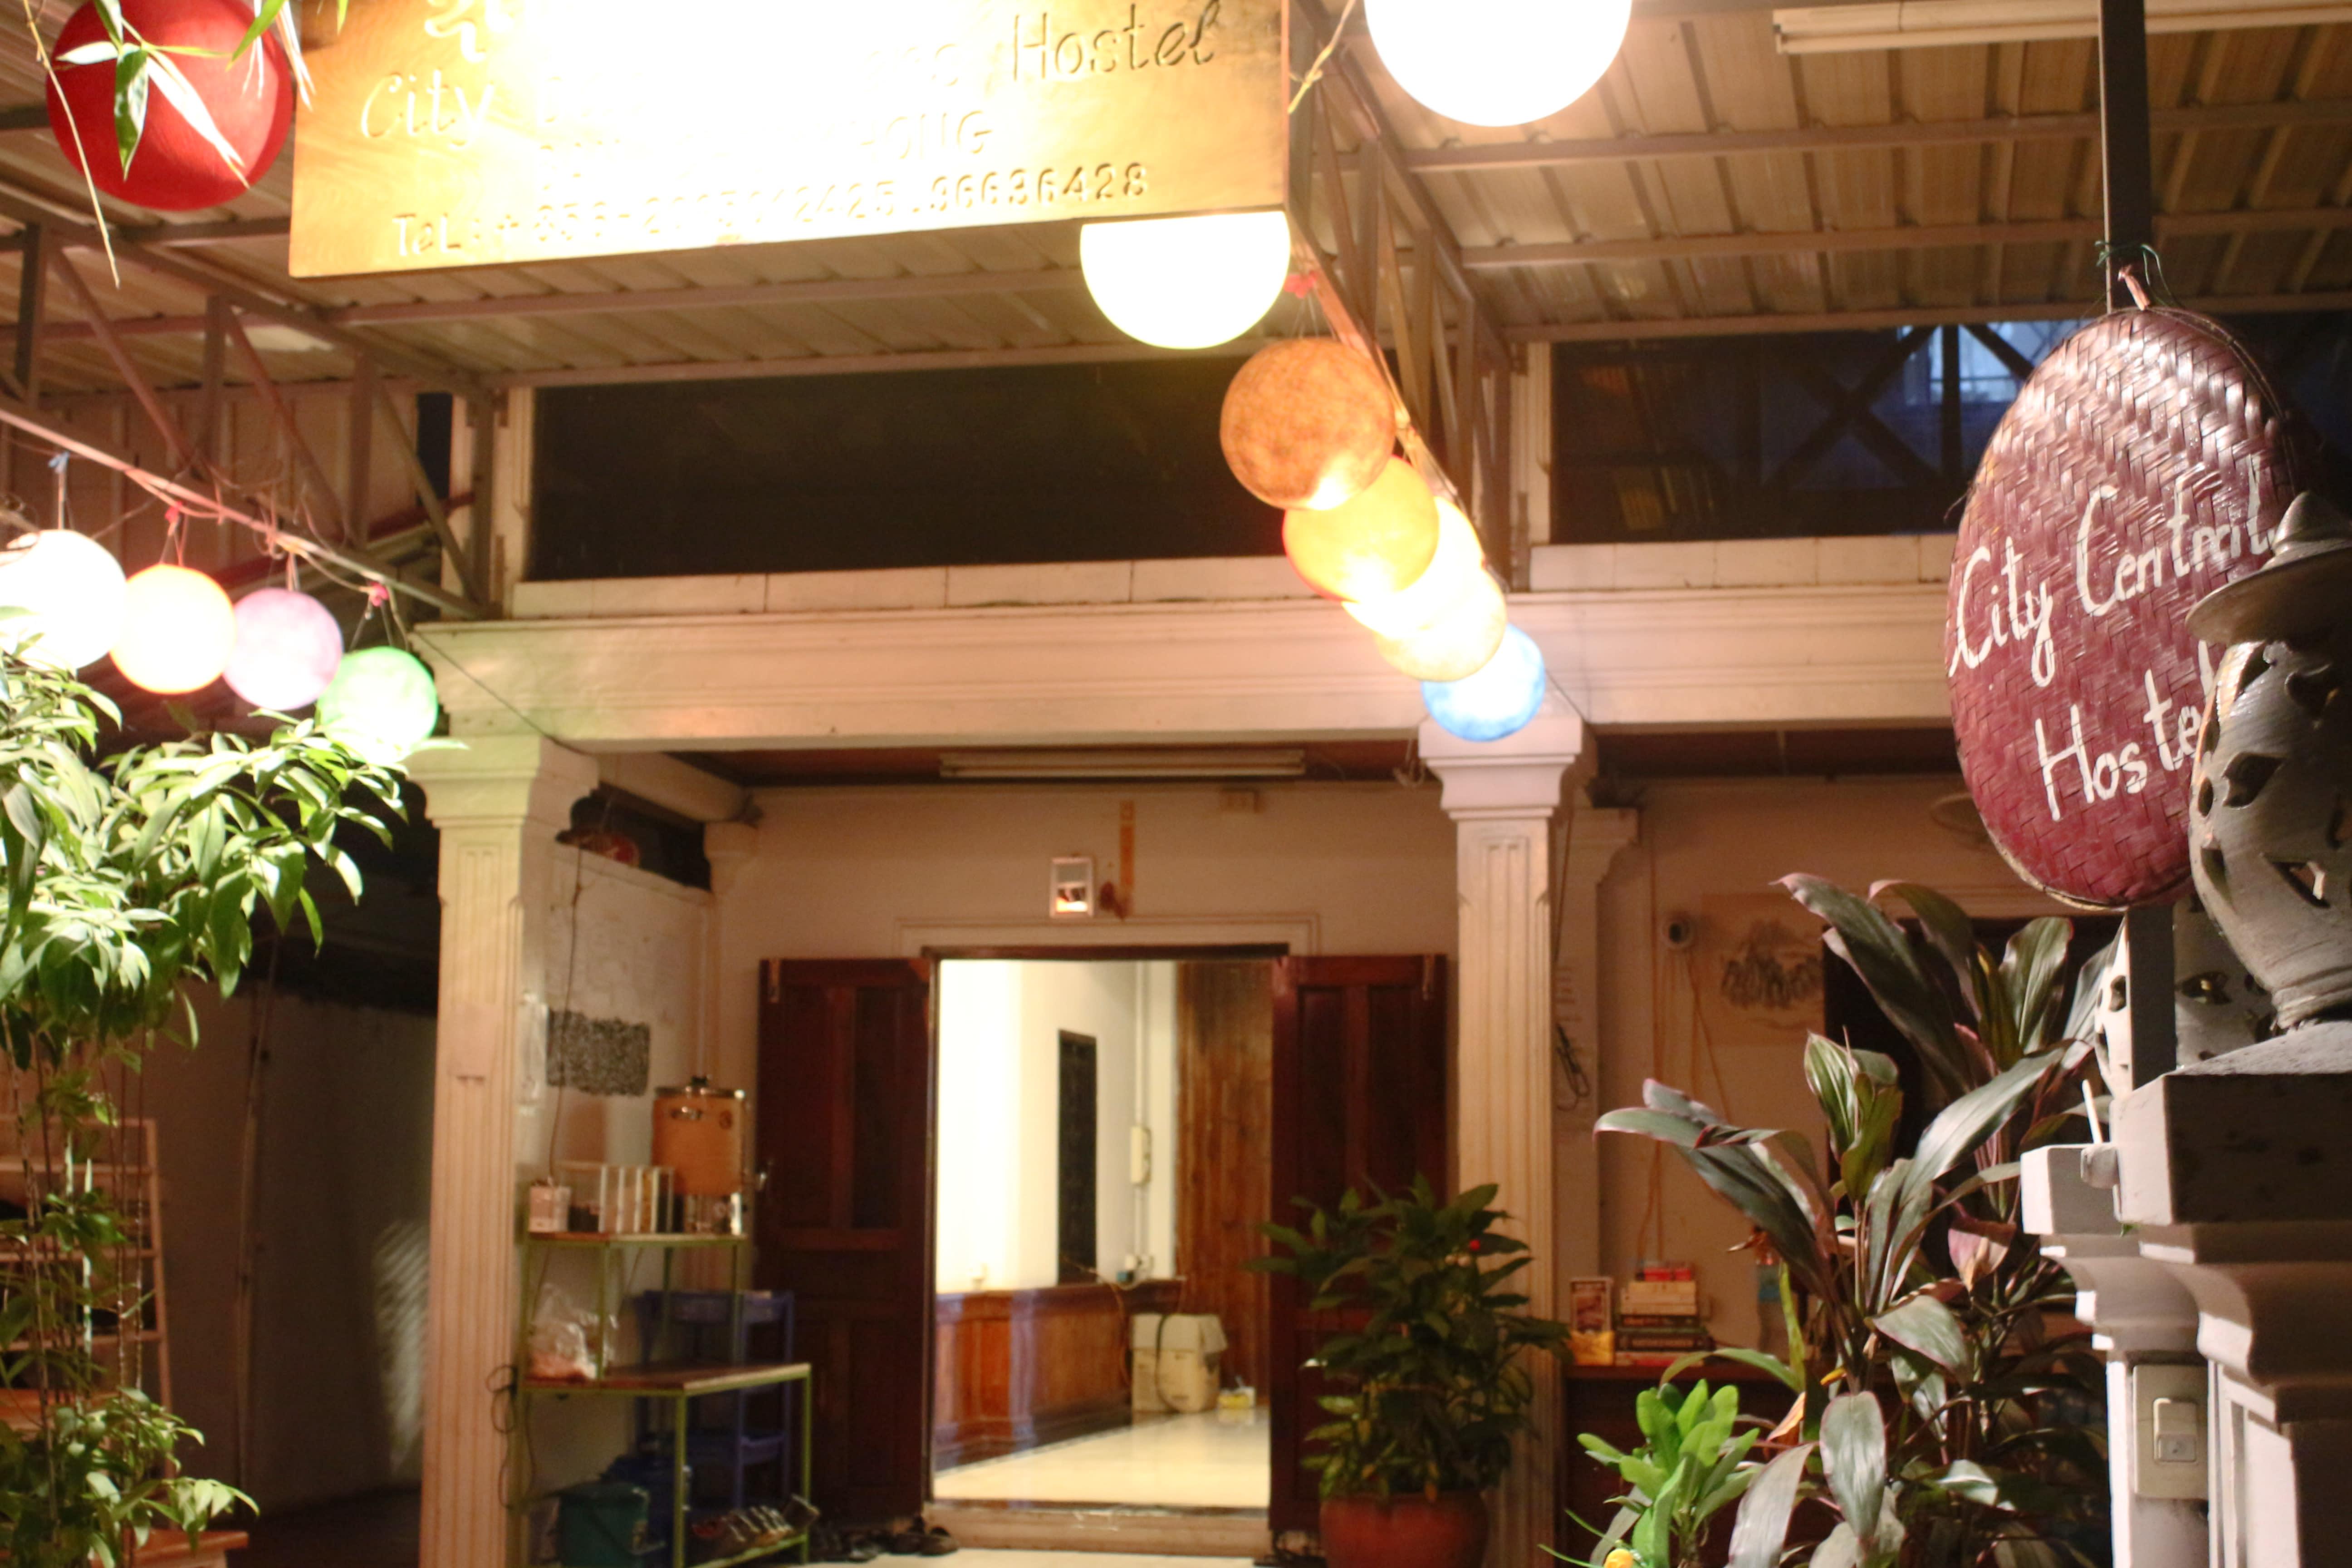 HOSTEL - City Central Hostel